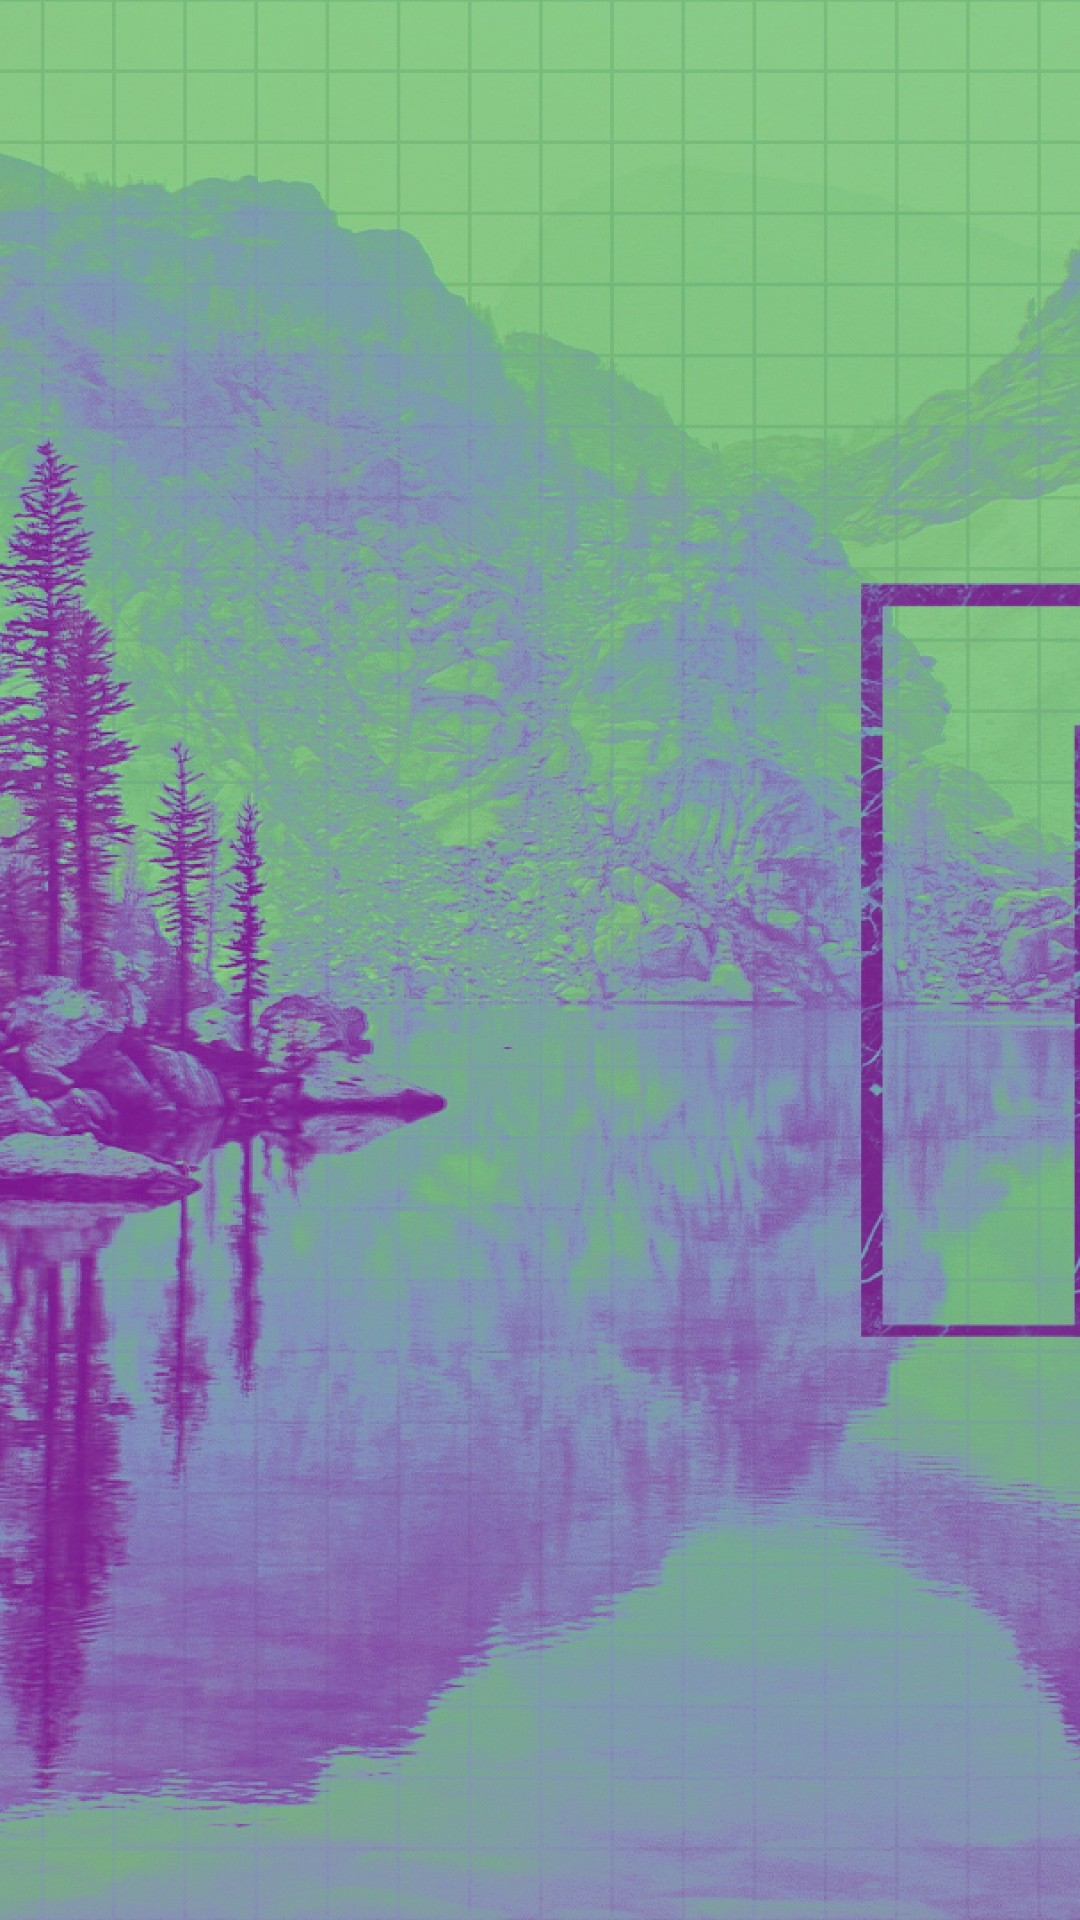 Vaporwave iPhone wallpaper ·① Download free stunning High ...